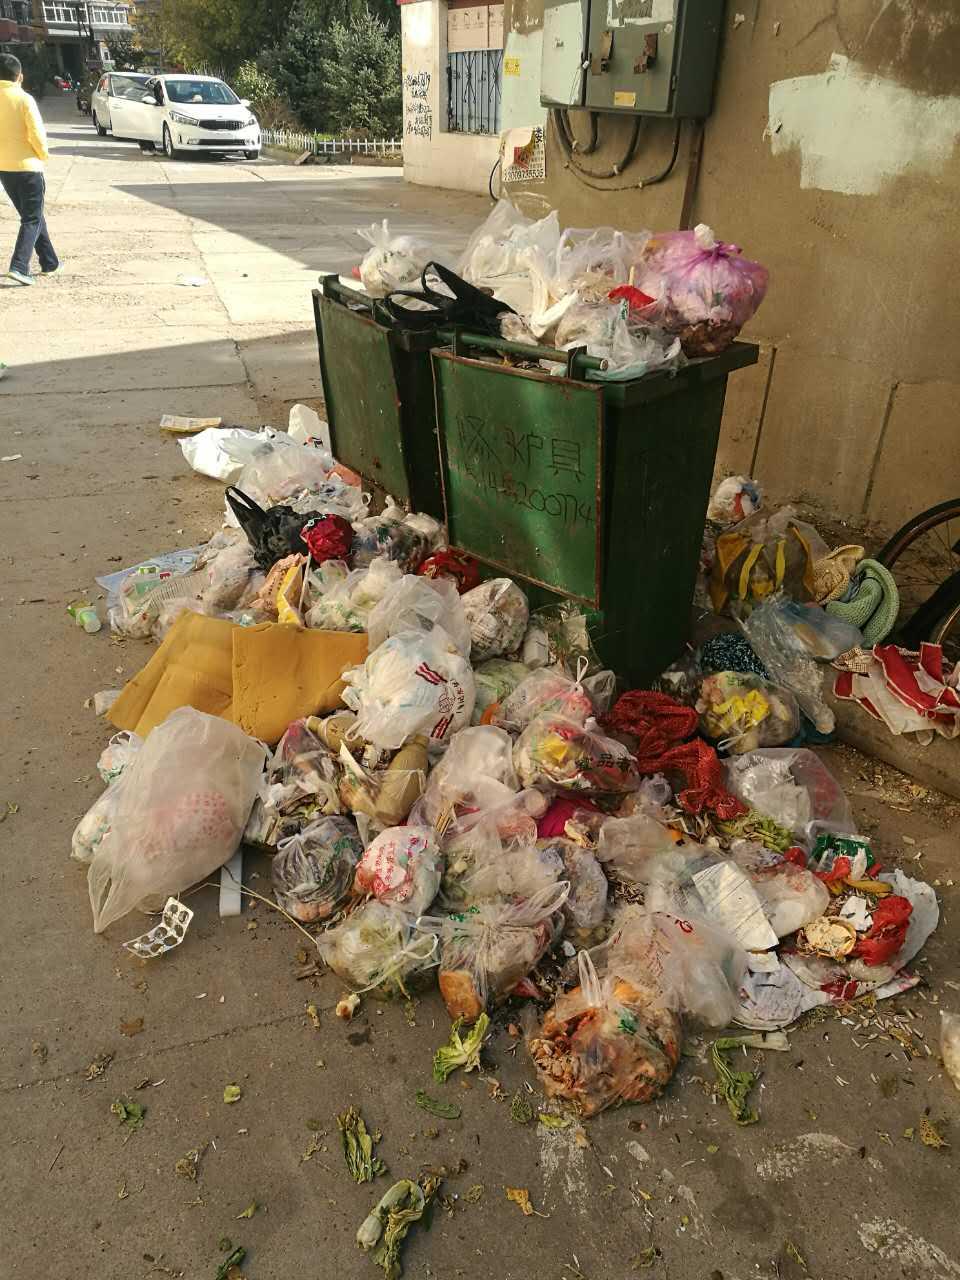 齐齐哈尔胜利小区119号楼垃圾无人管,难闻臭味!